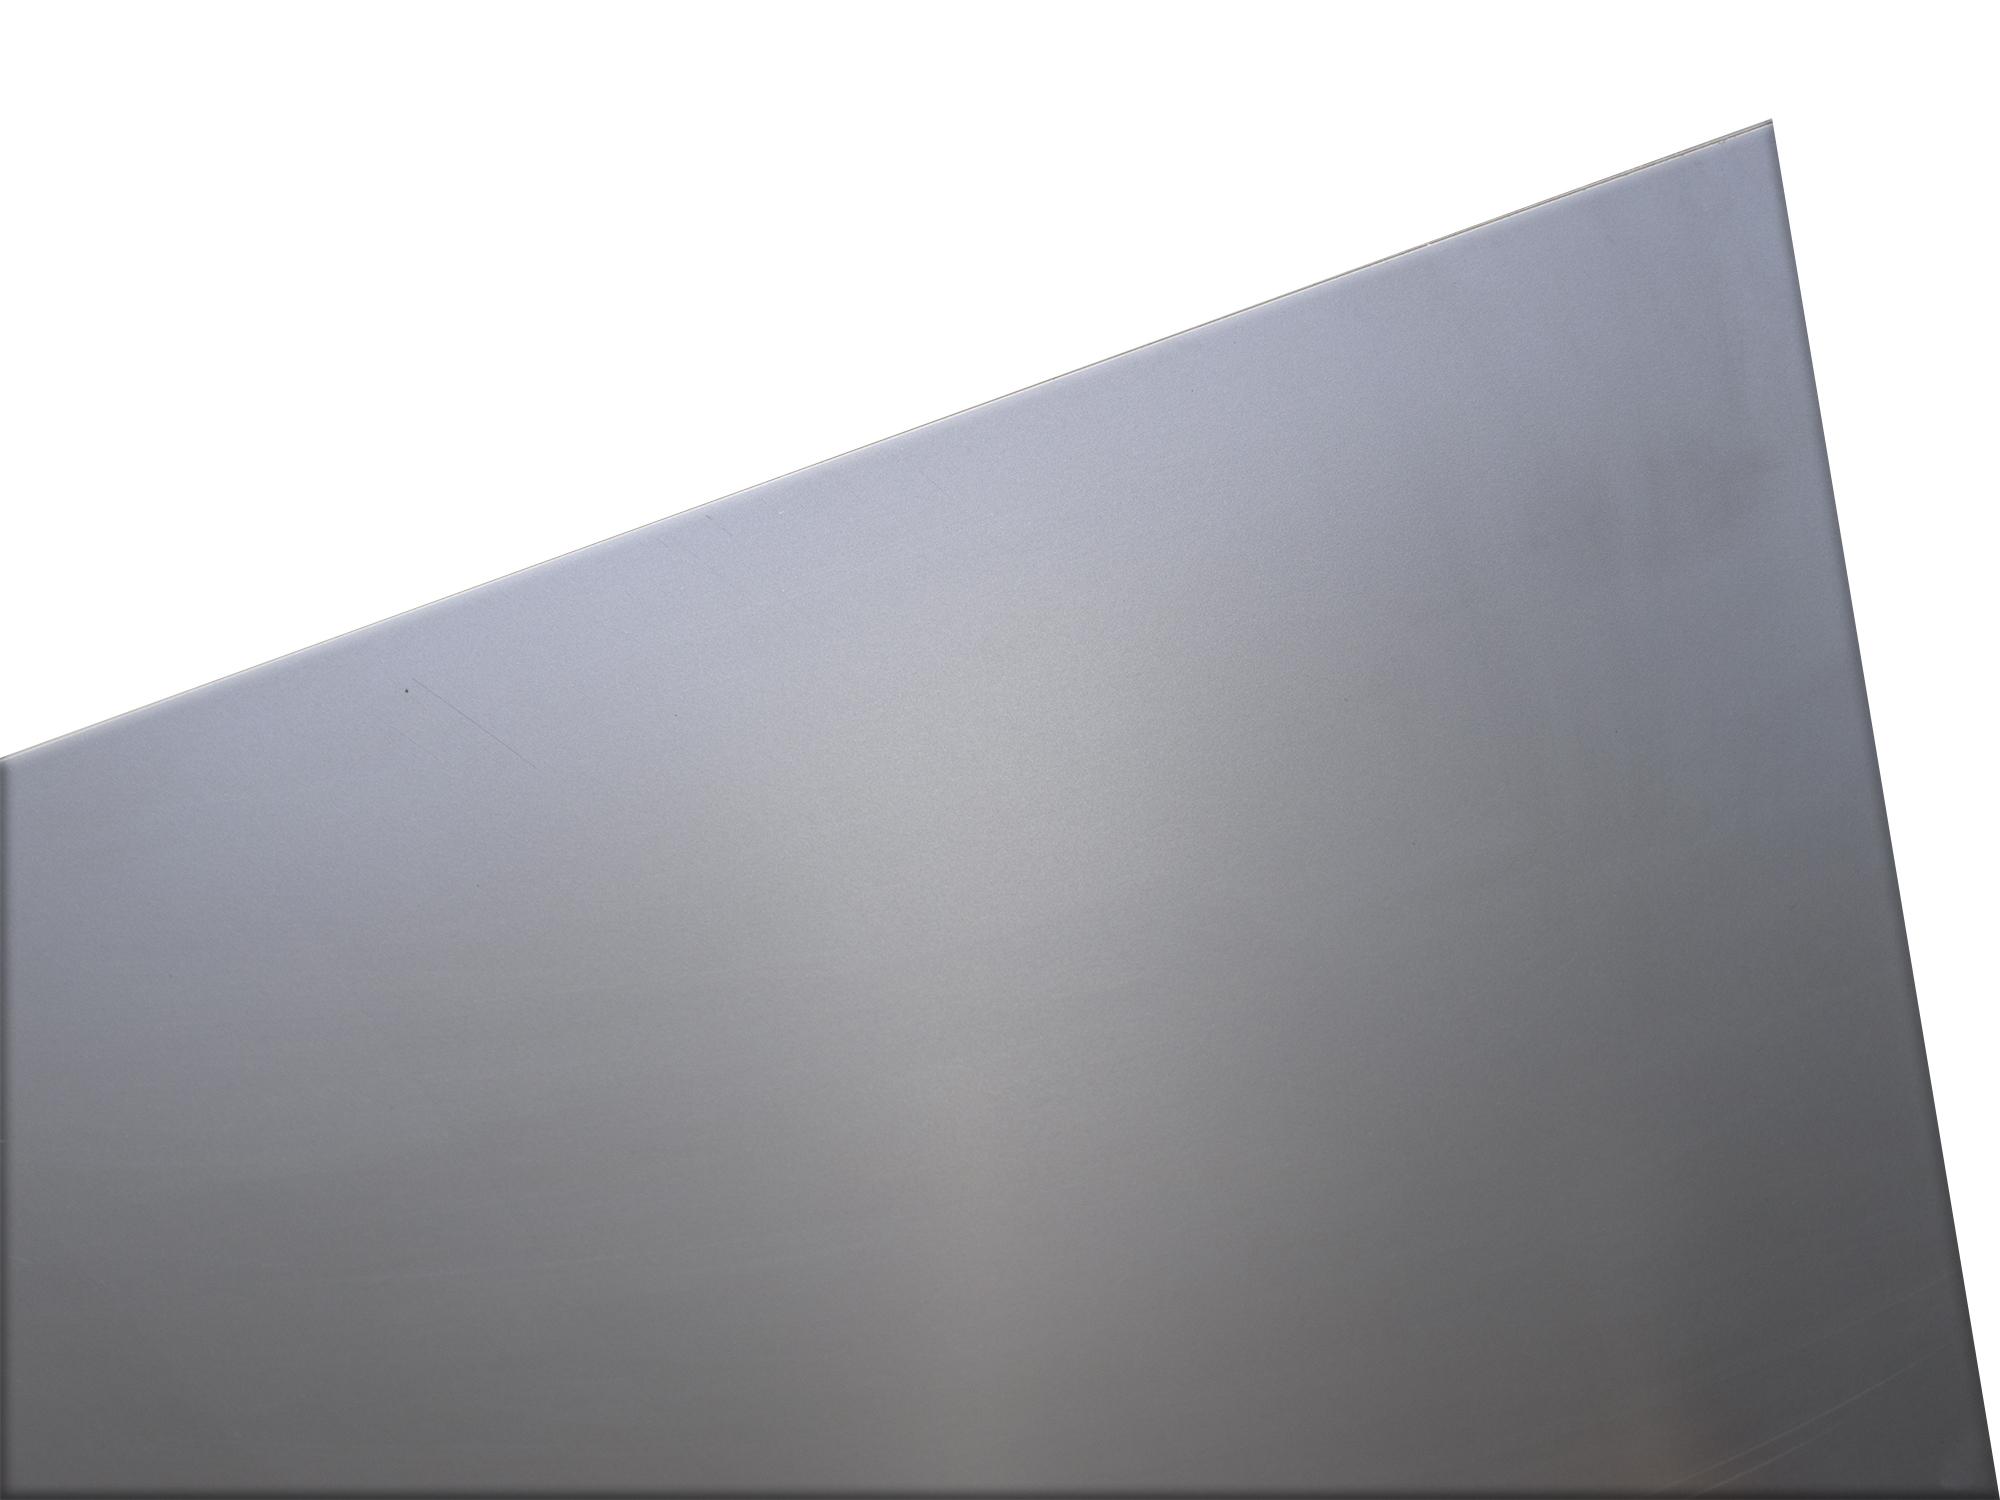 plaat staal 500 x 1000 x 2.50mm